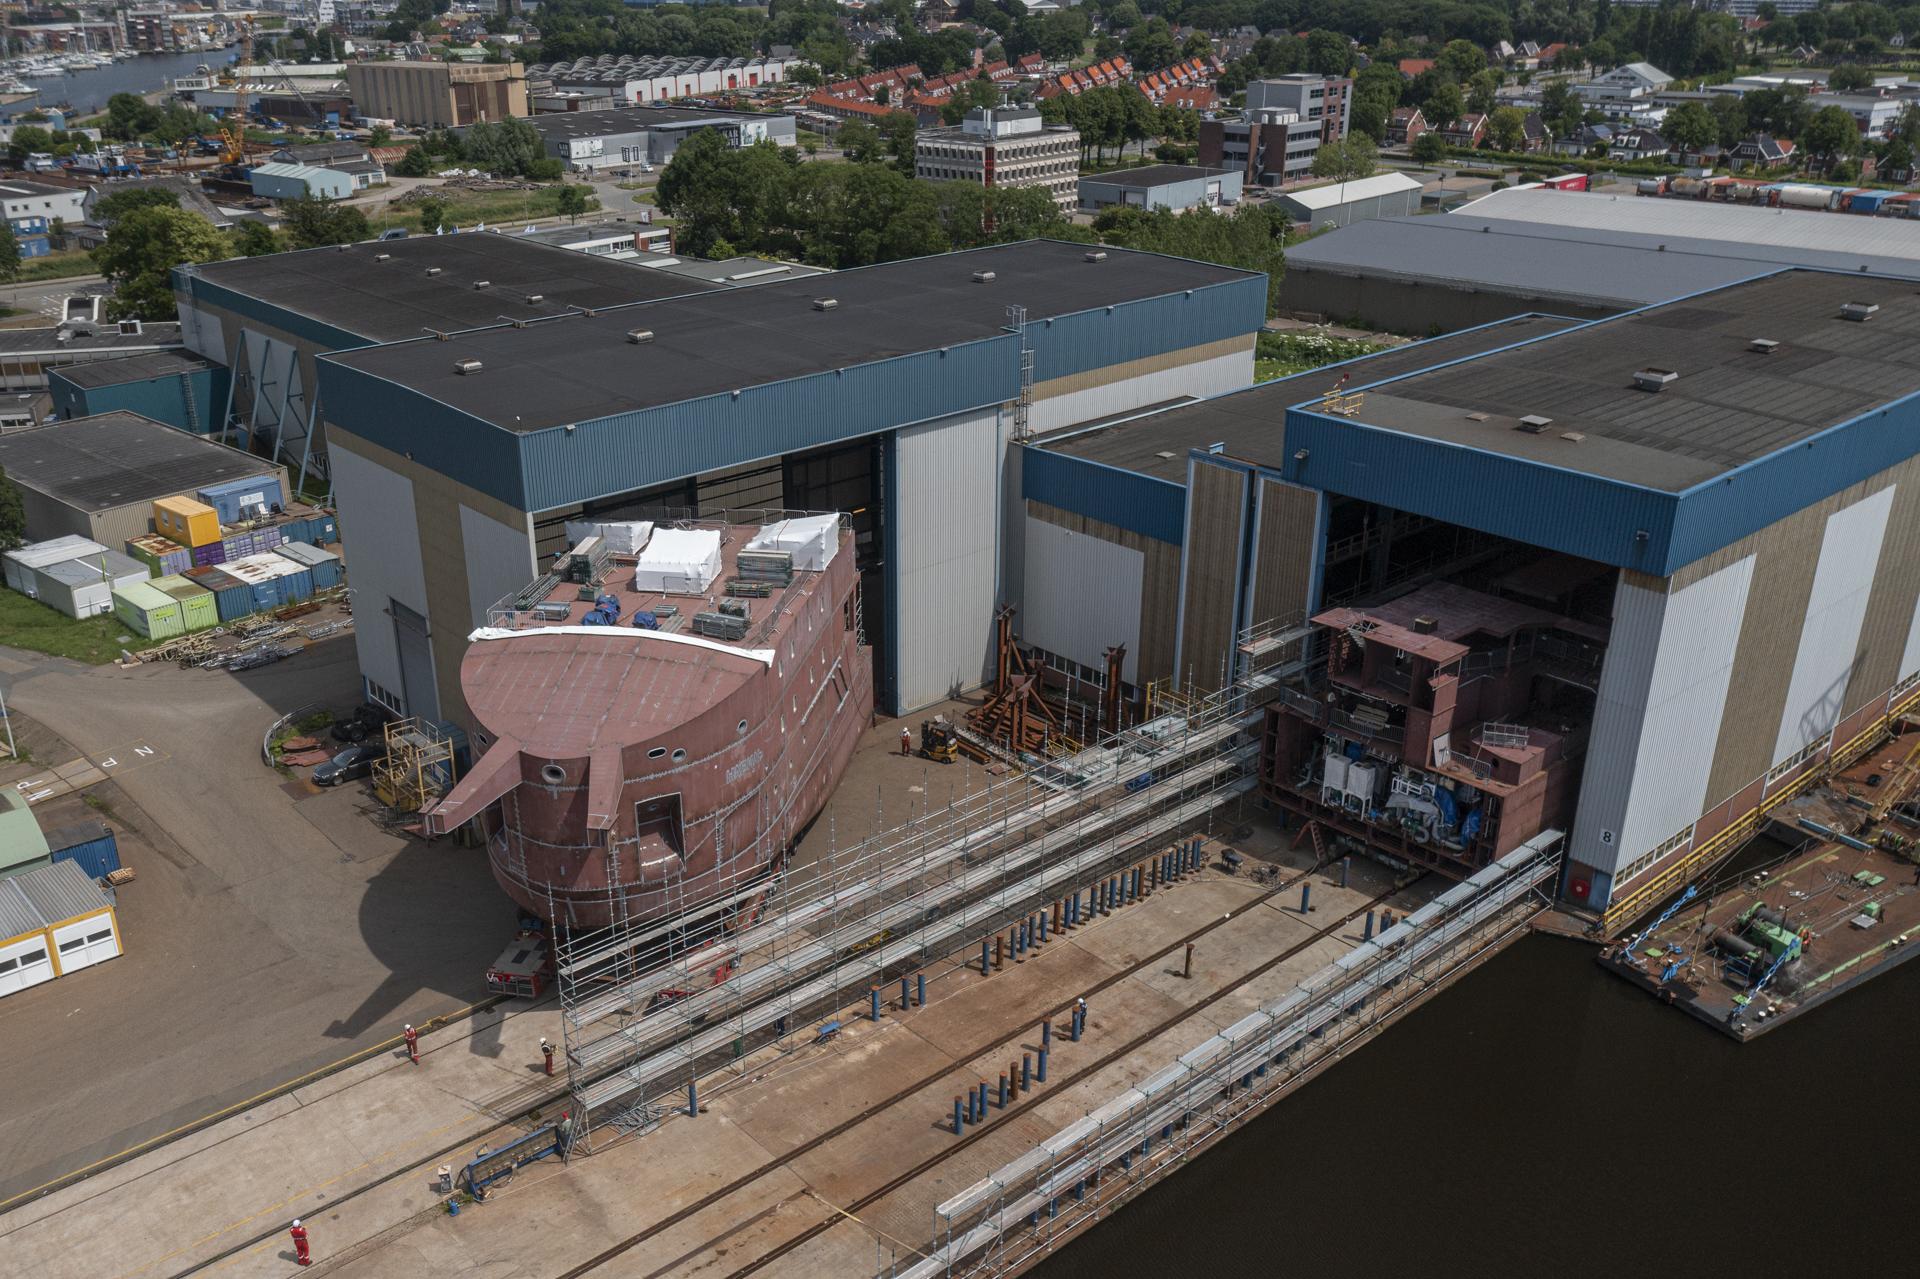 De ijsbreker wordt op de werf in Delfzijl verplaatst. (Foto Wagenborg)